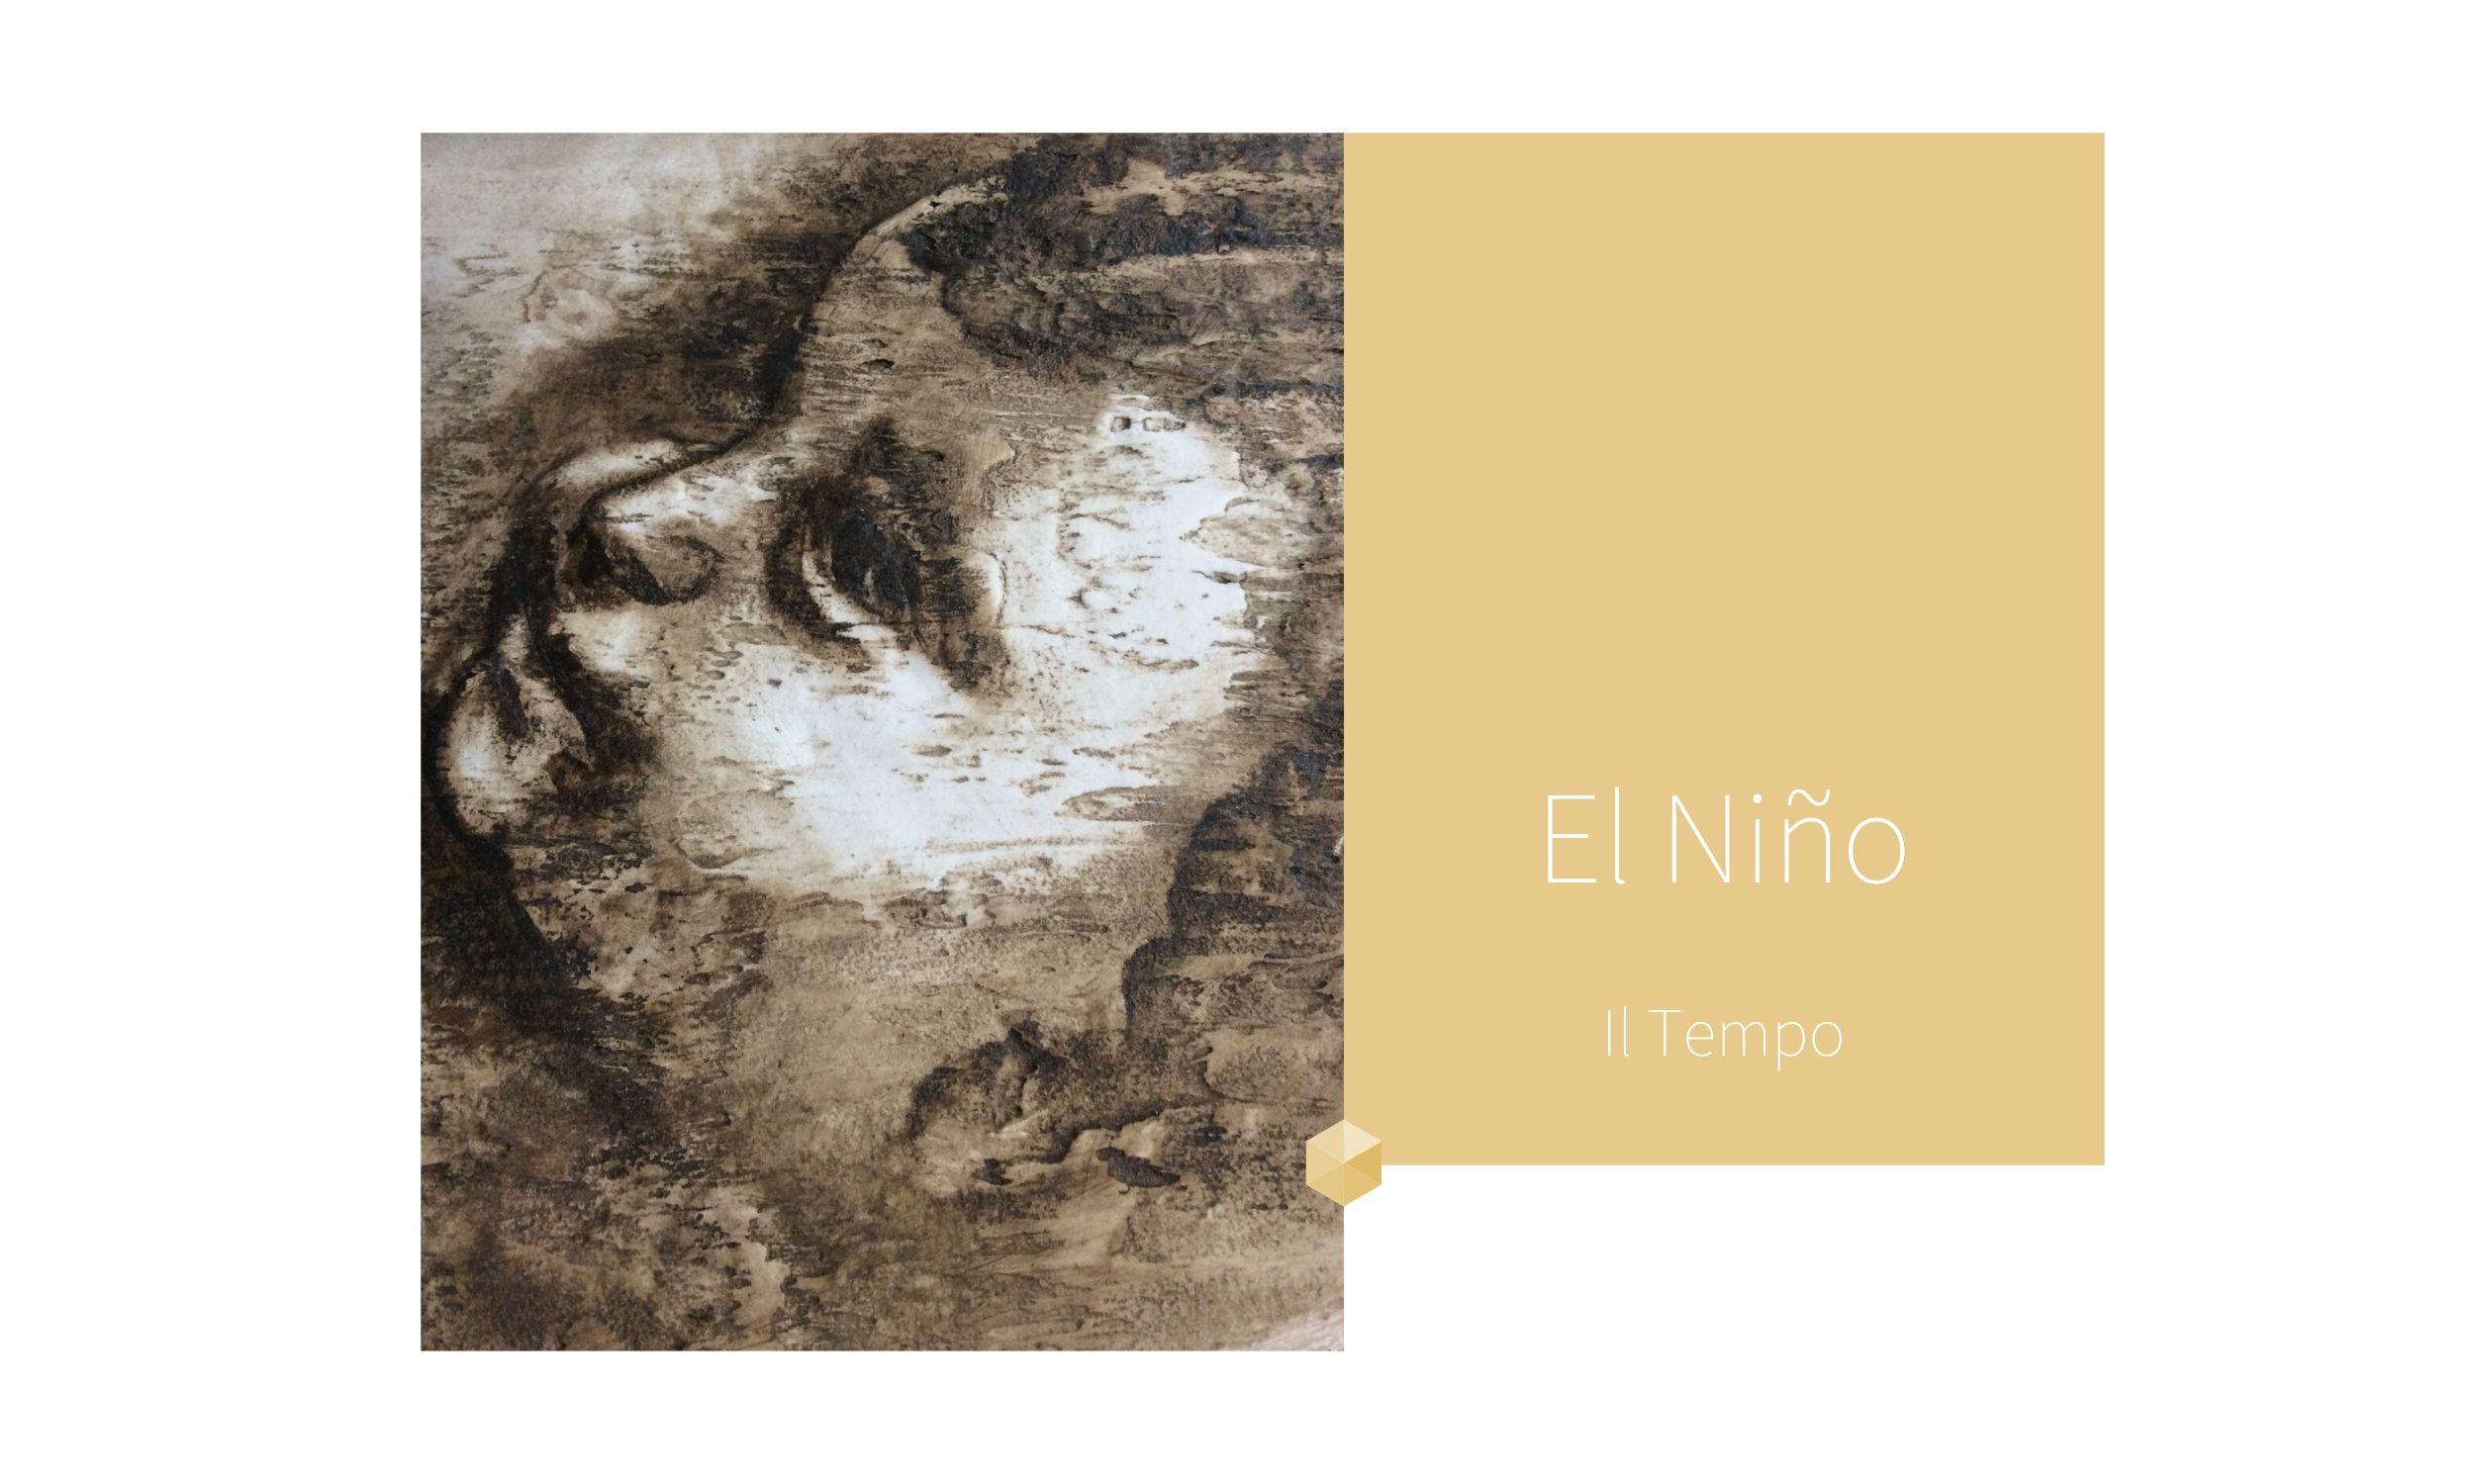 El Niño | por C.J.Ruiz Colección Flor de Ziur | IL TEMPO